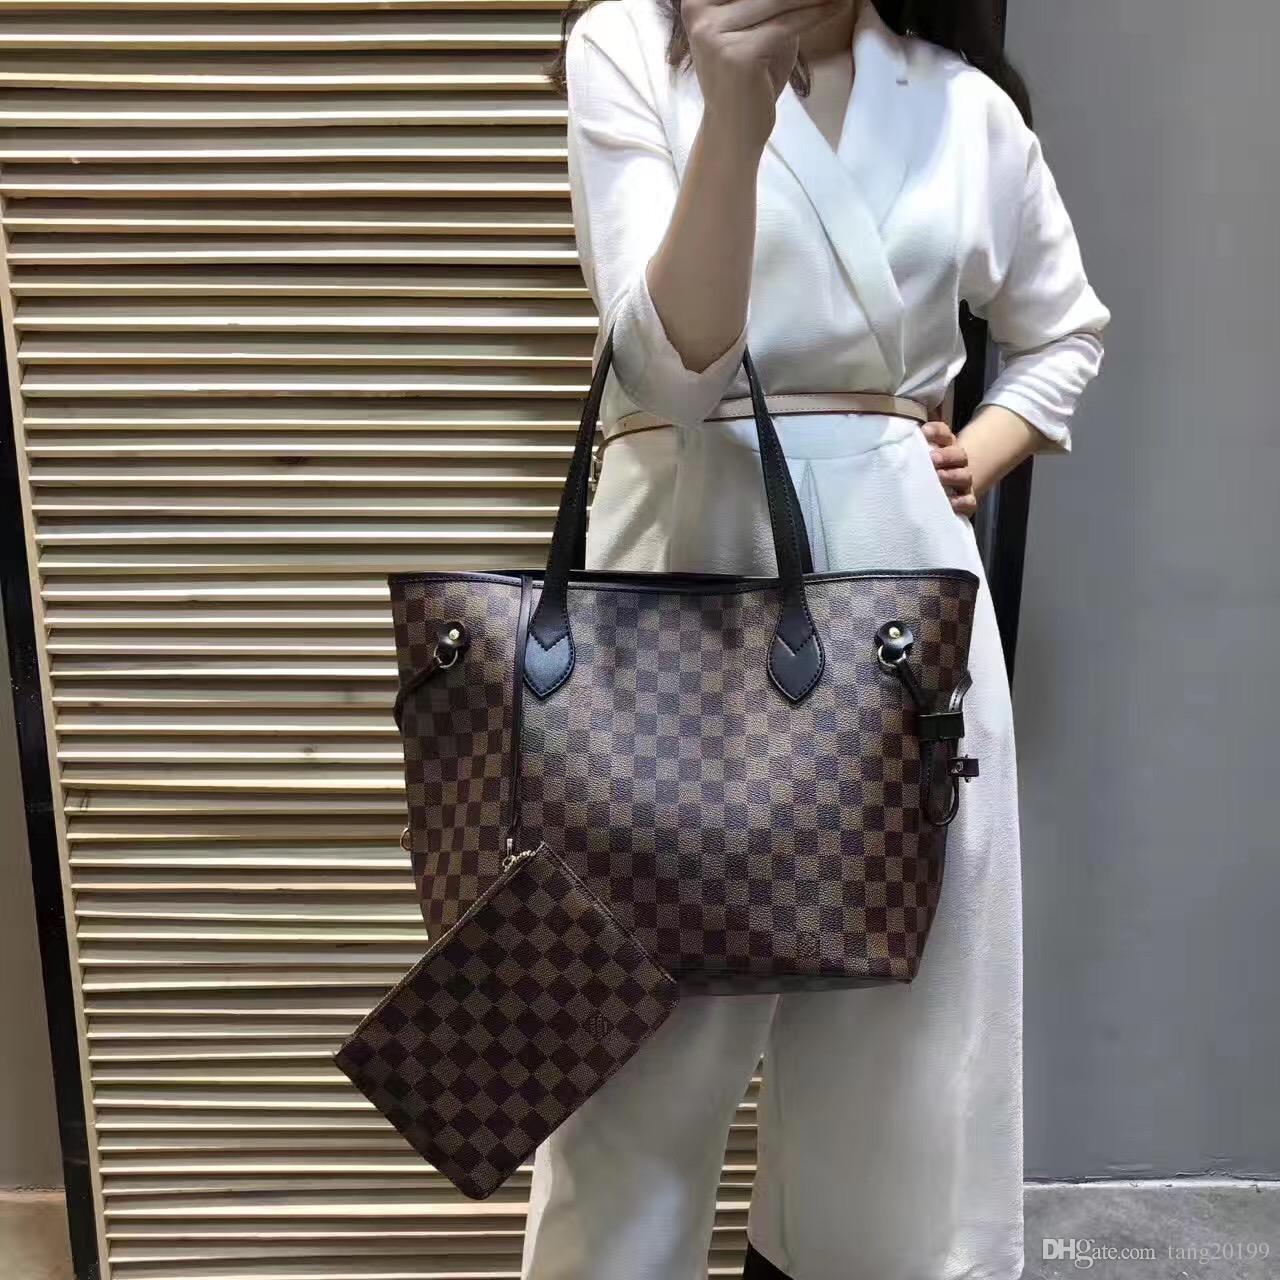 909b42d12a125 2019 2019 New AJLOUIS VUITTON NEVERFULL Old Flower Handbag+Wallet ...